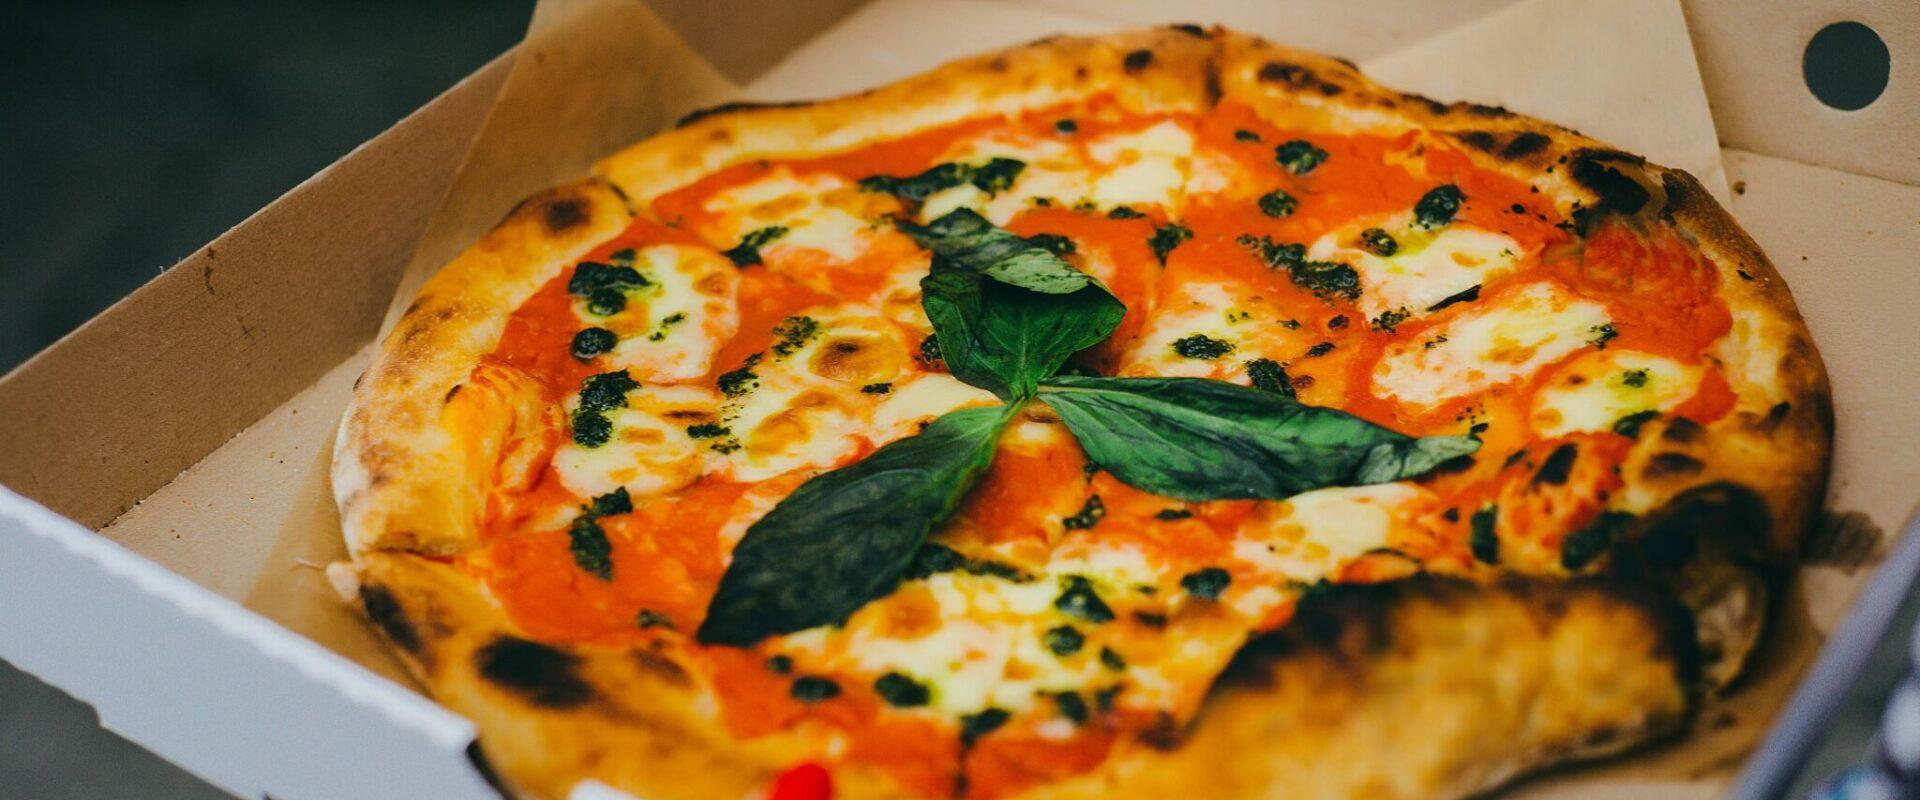 Nedflex Pizza Party Day